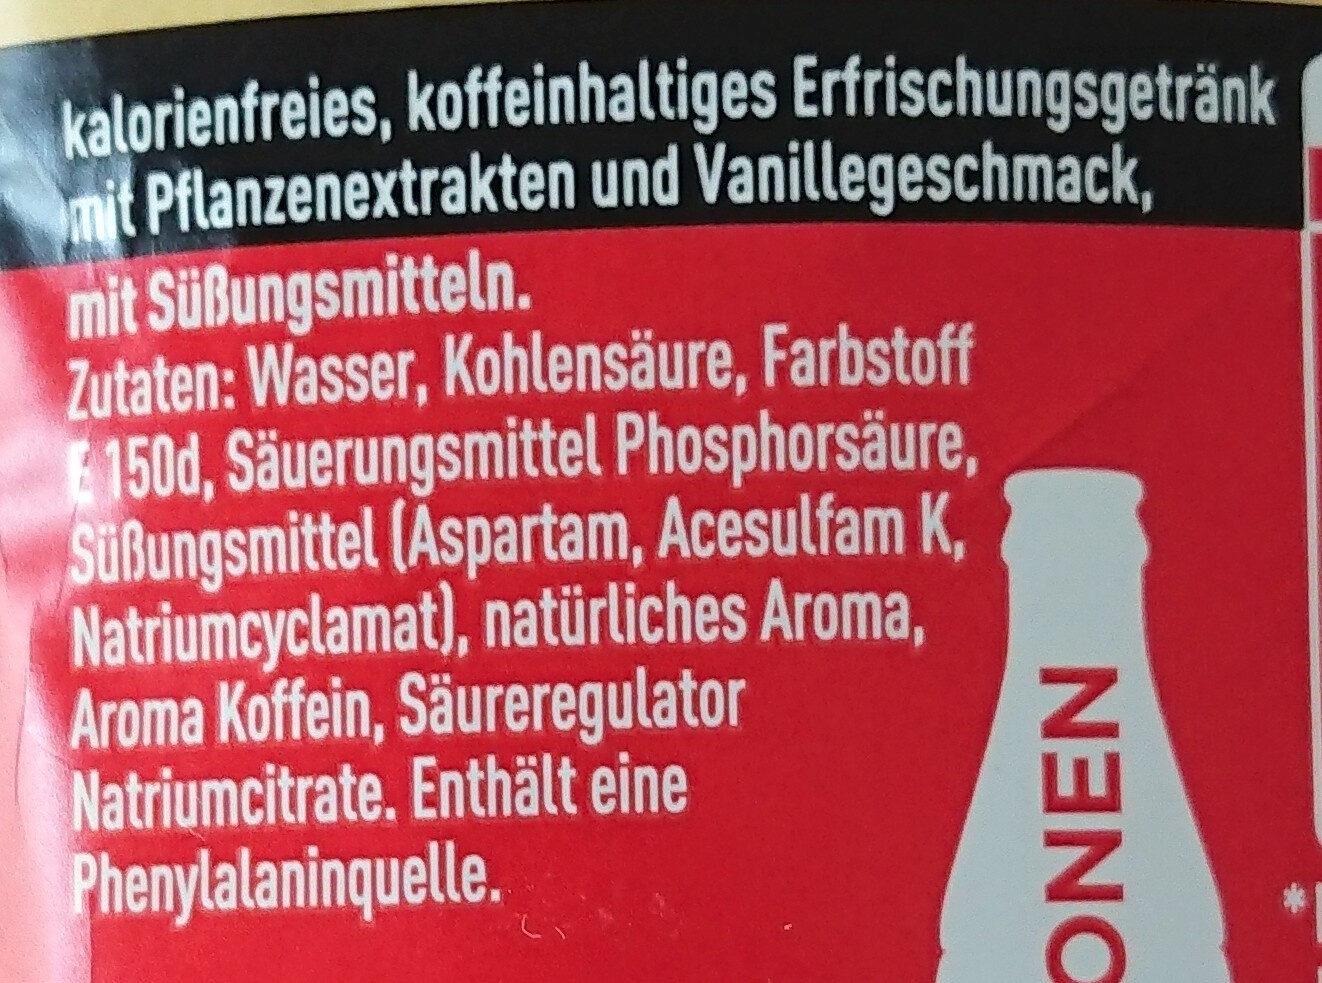 Coca cola zero sugar vanilla - Ingredienti - de